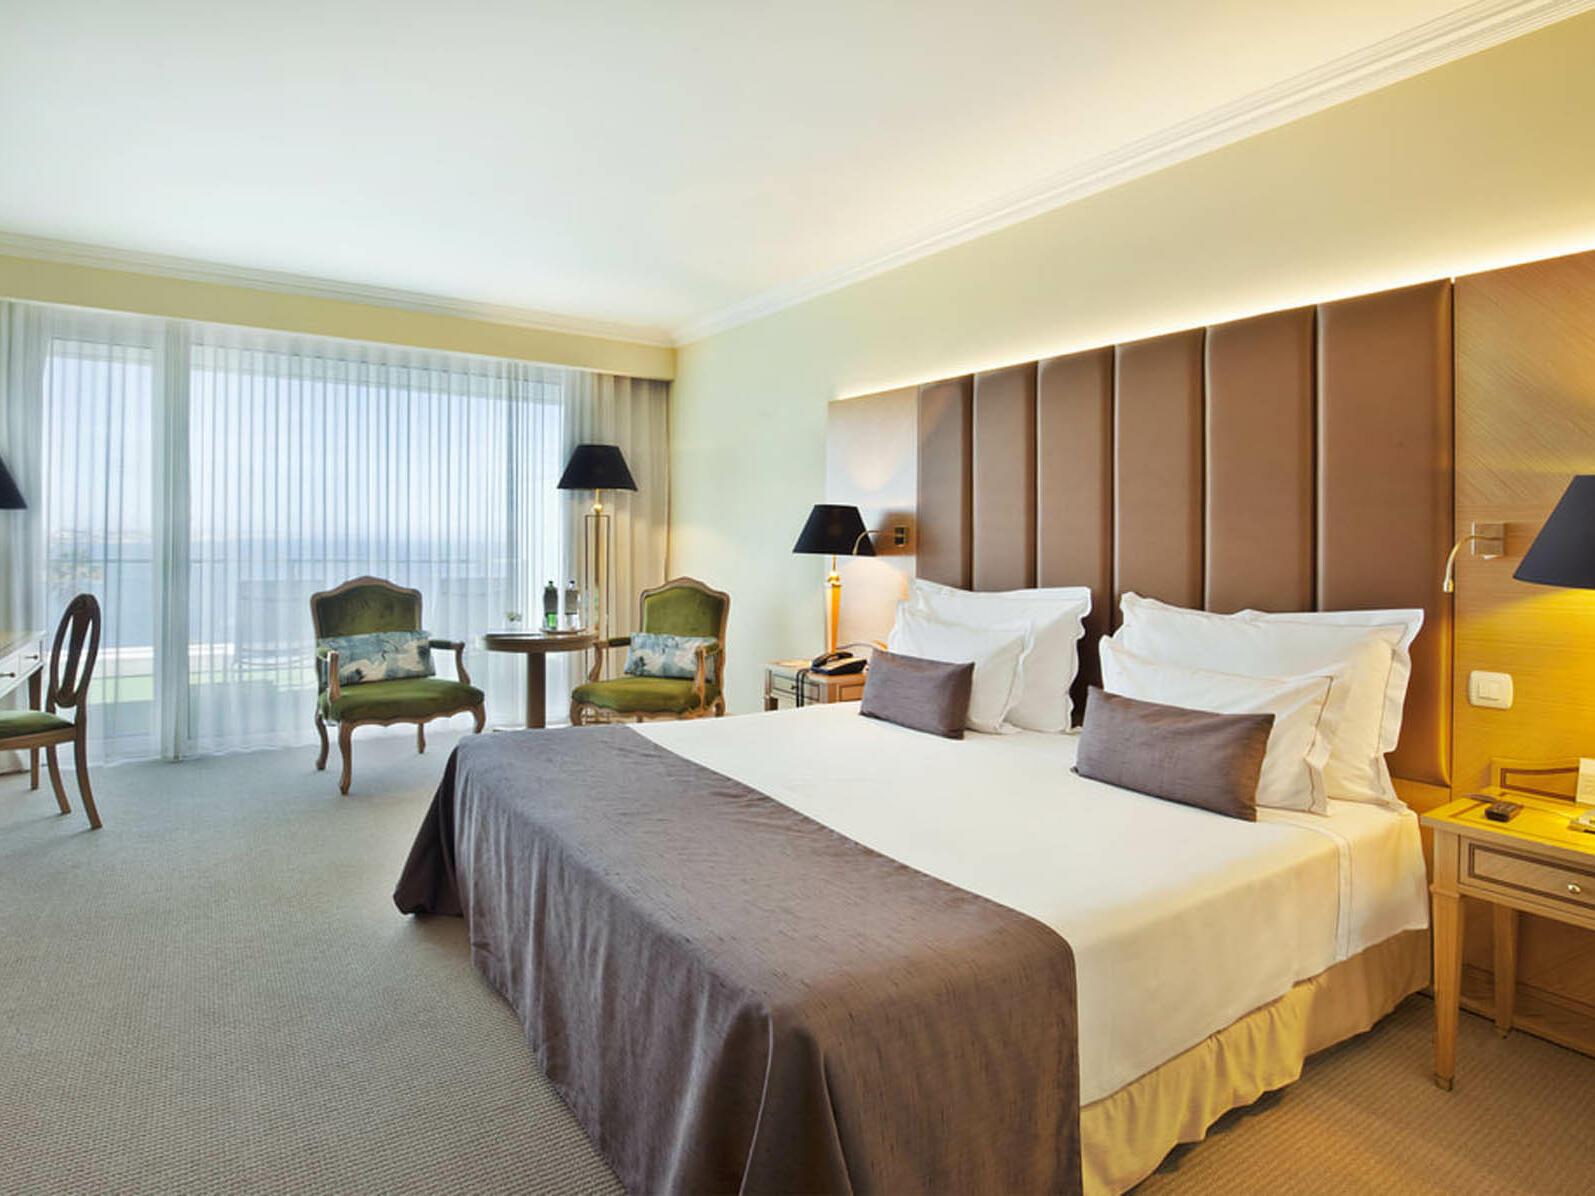 Cama king size numa suite tranquila - Hotel Cascais Miragem Health and Spa